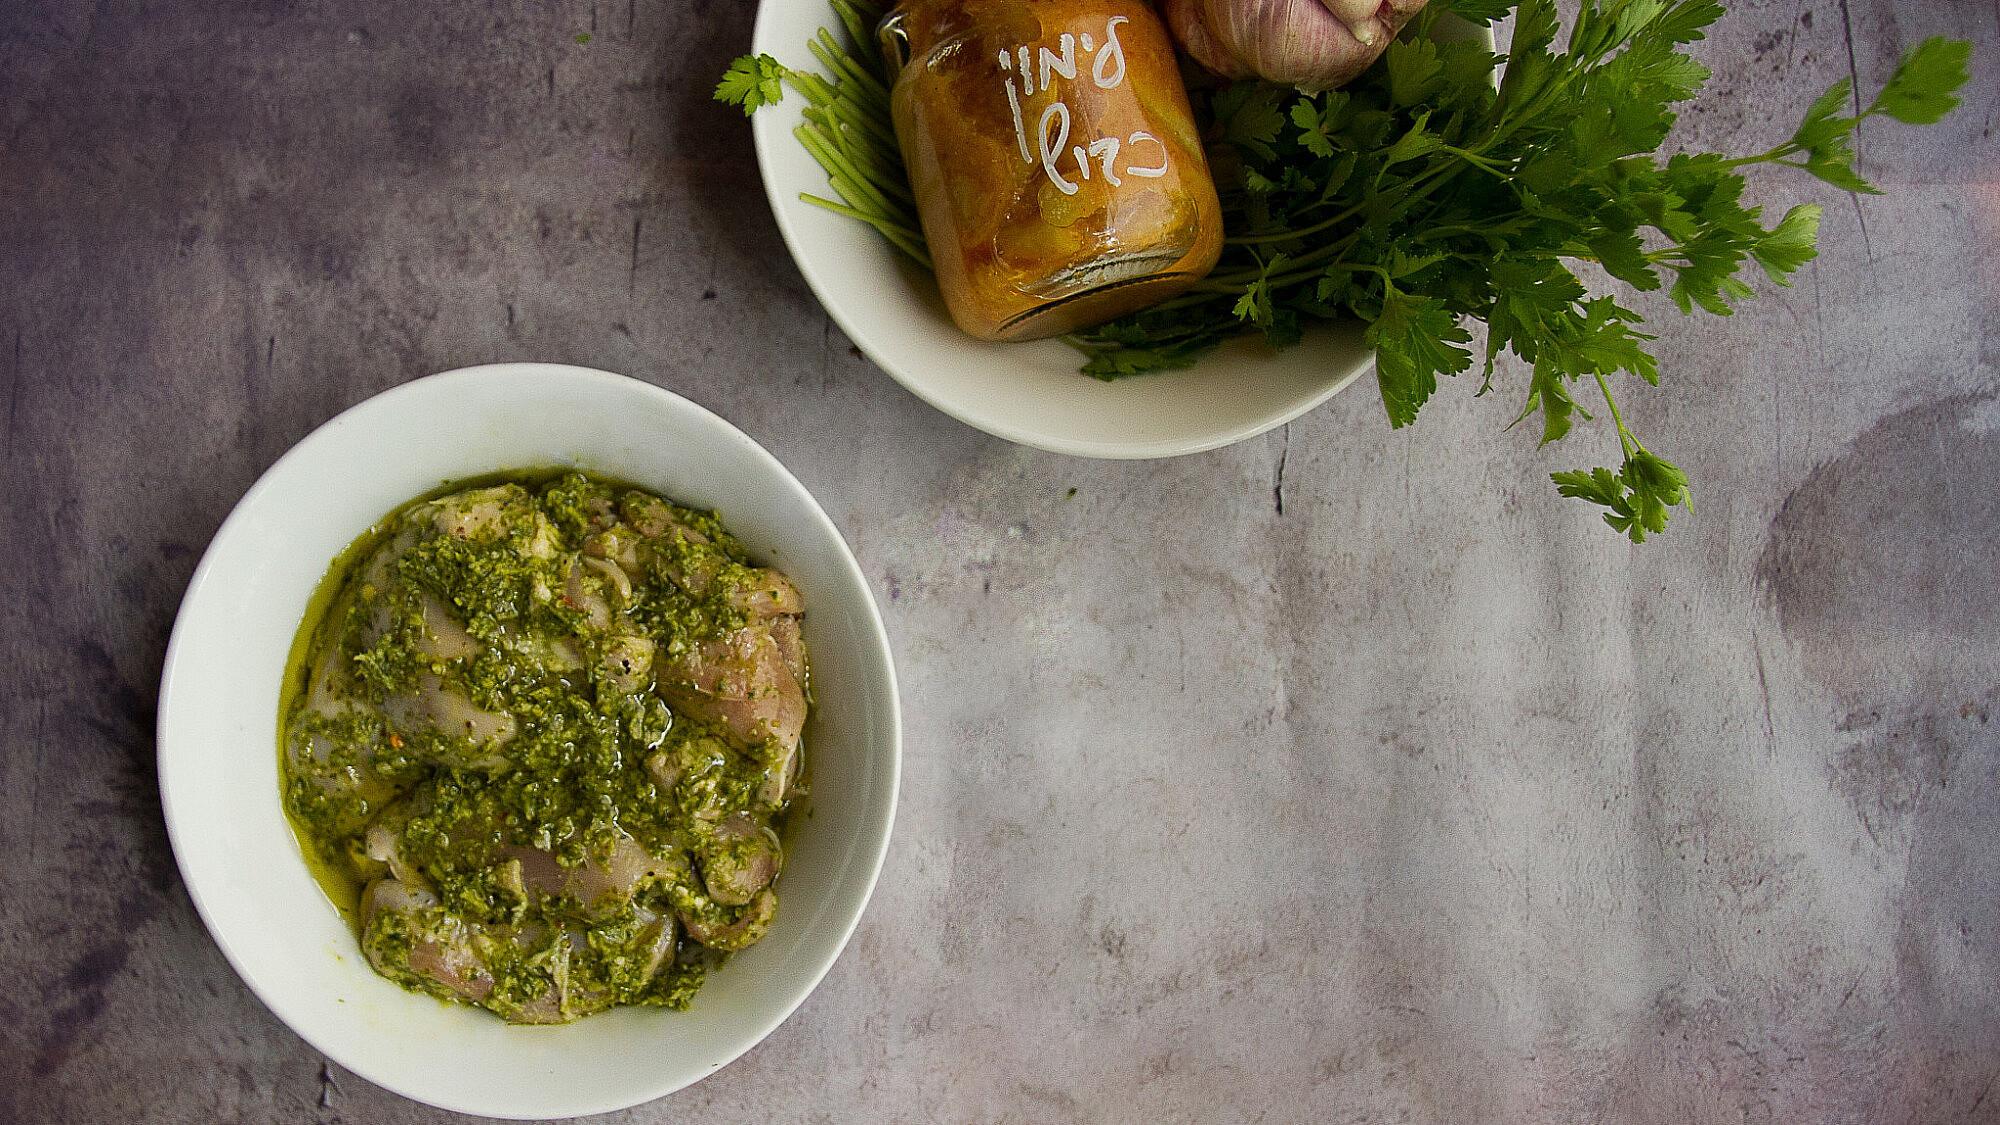 פרגיות במרינדת שום ירוק ולימון כבוש של אסף שנער, חוות צוק. צילום: מאיי תדהר